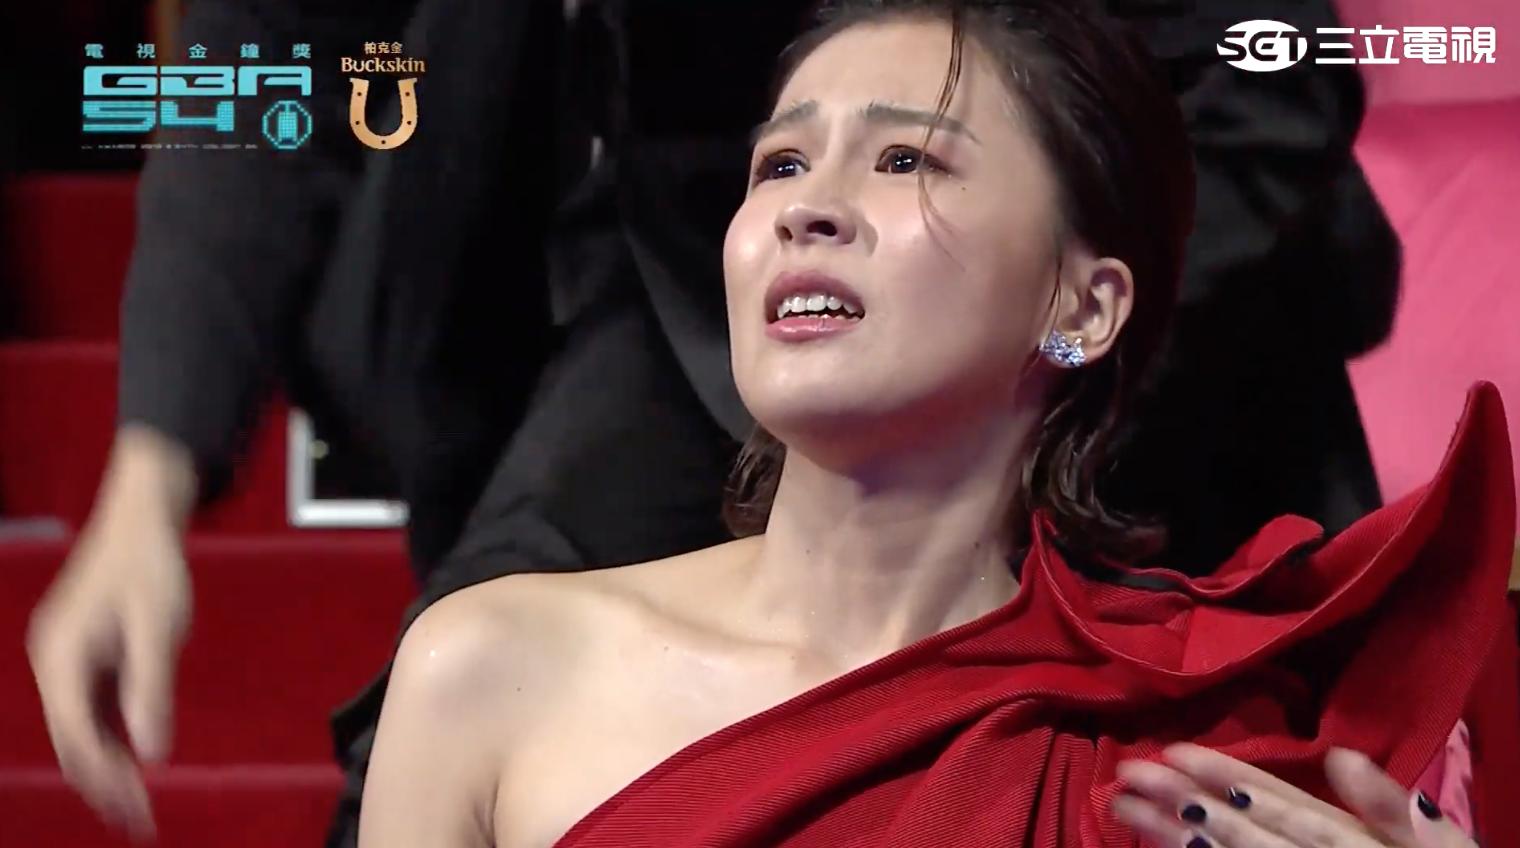 金鐘/曾沛慈不忘本得獎竟謝「它」 繼李千娜後演技受肯定的「星光歌手」